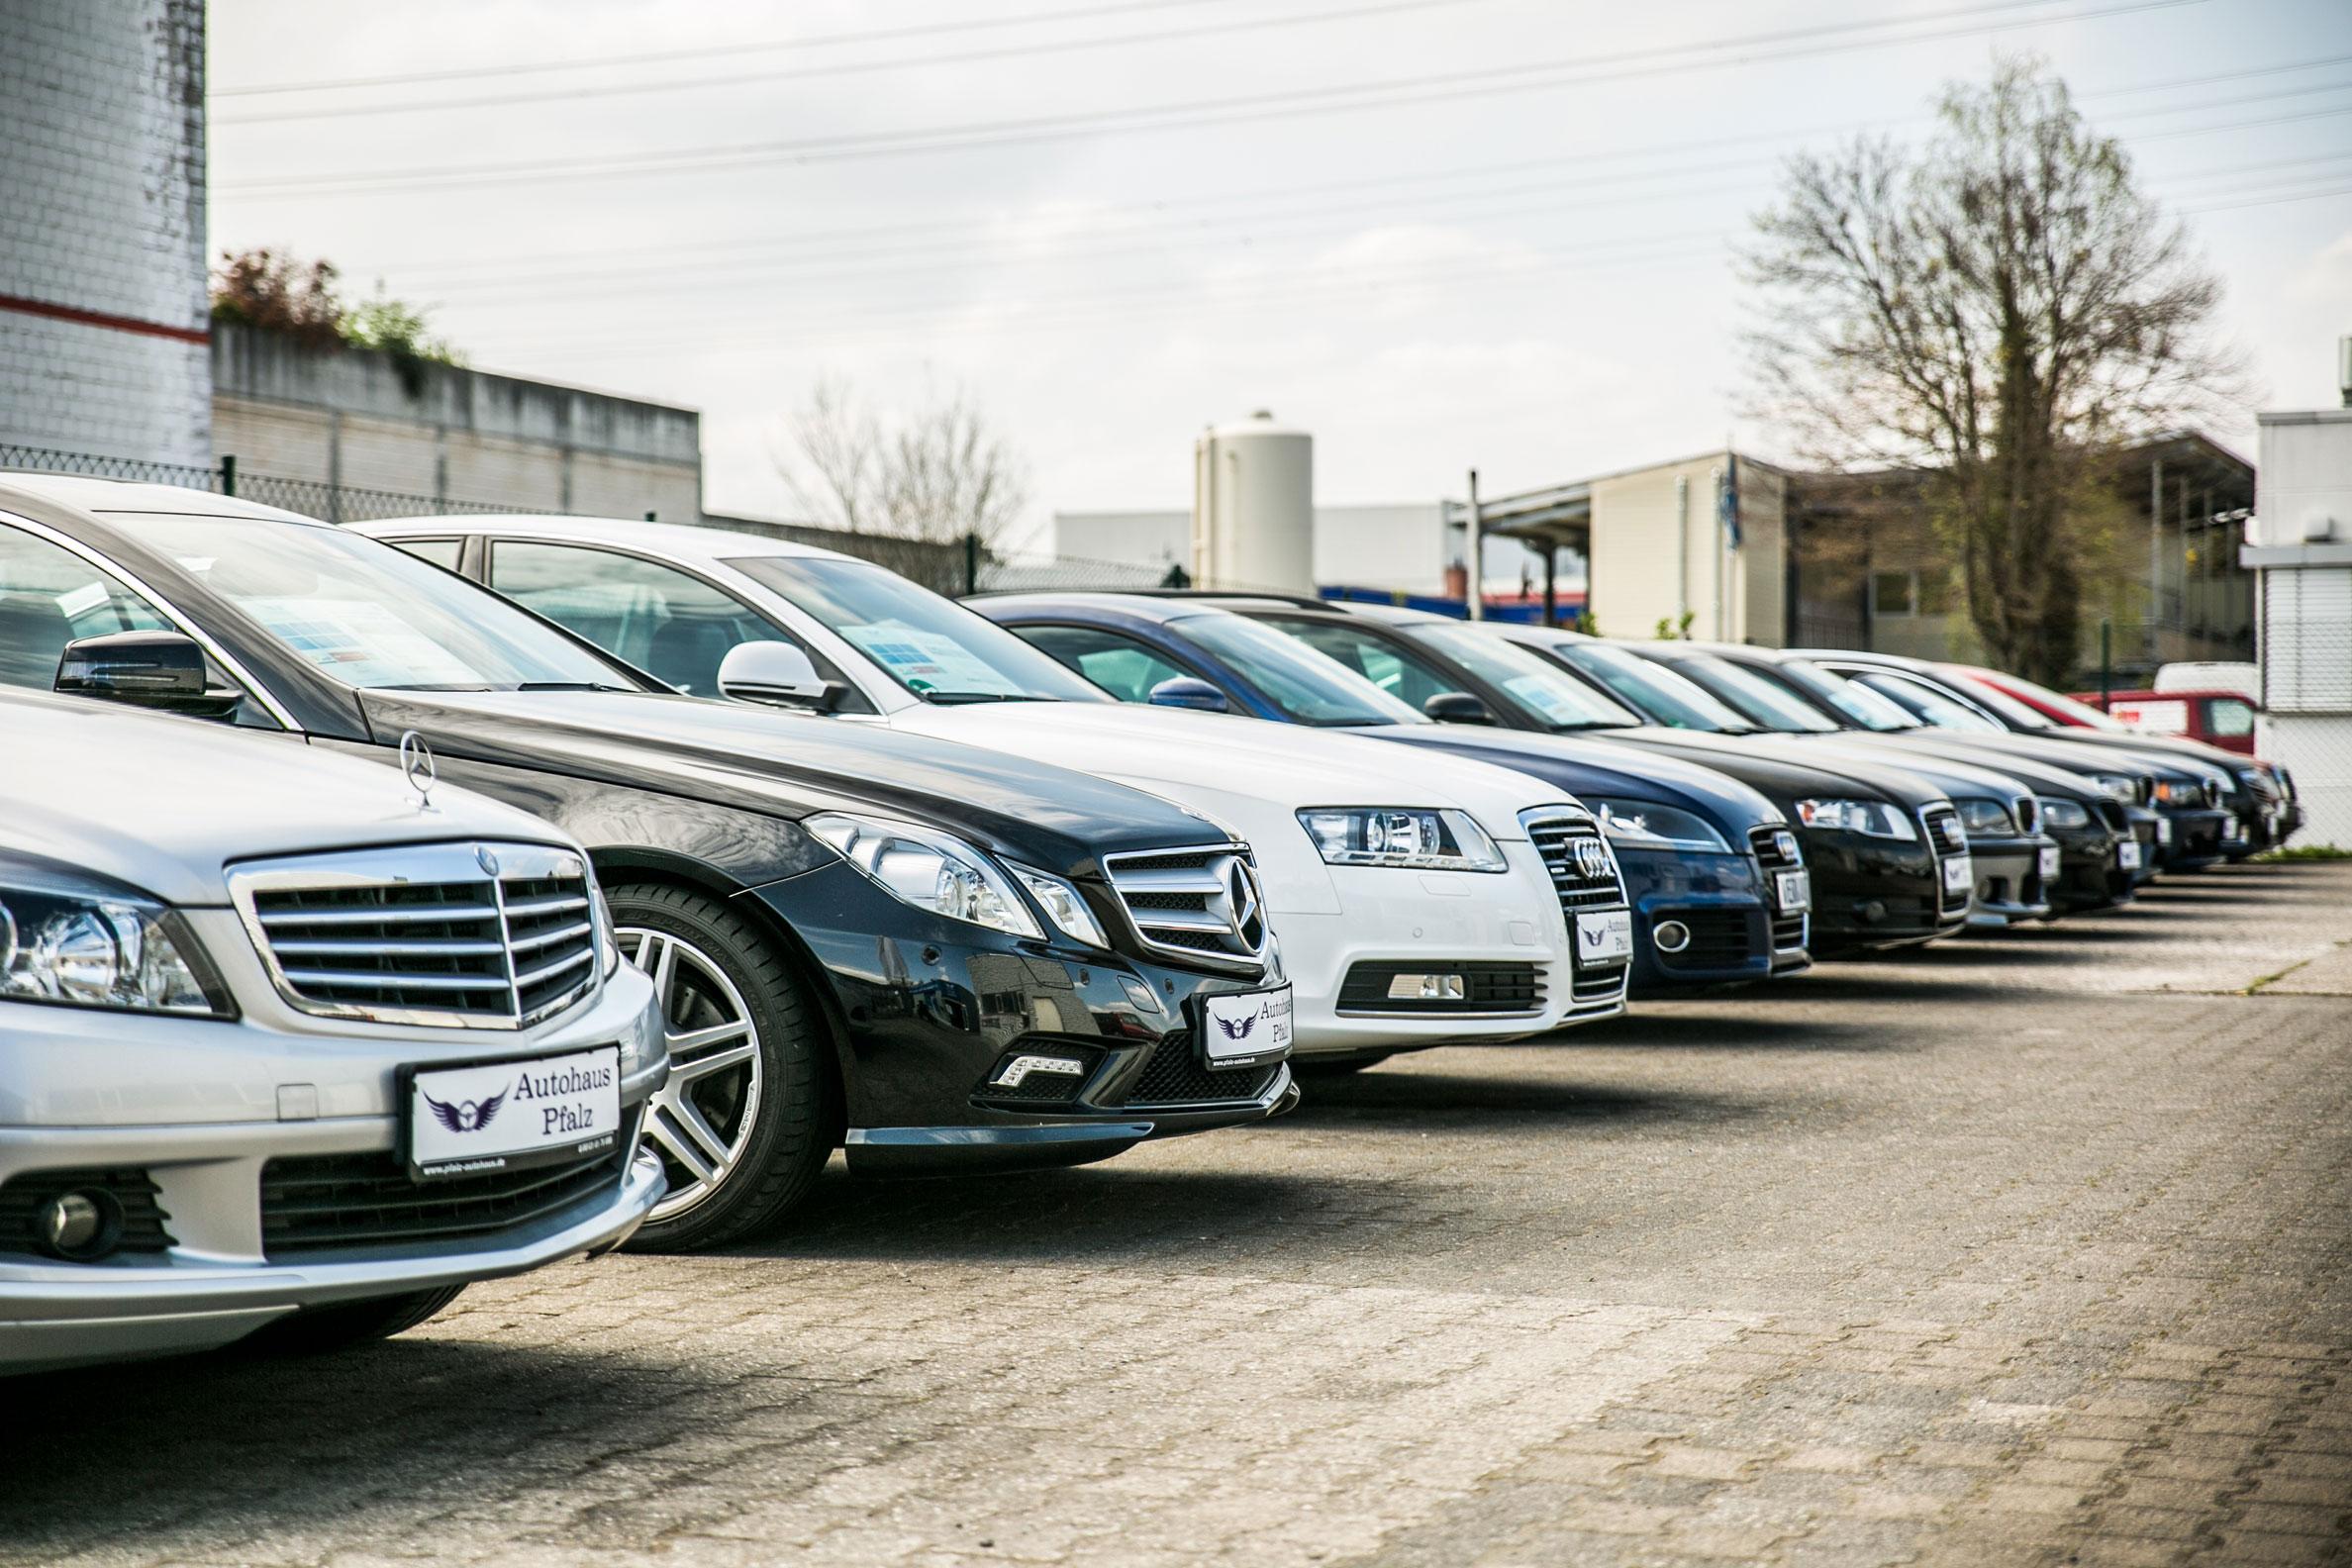 gebrauchtwagen mainz, mainz, gebrauchtwagen, audi, bmw, mercedes, opel, finanzierung, www.pfalz-autohaus.de